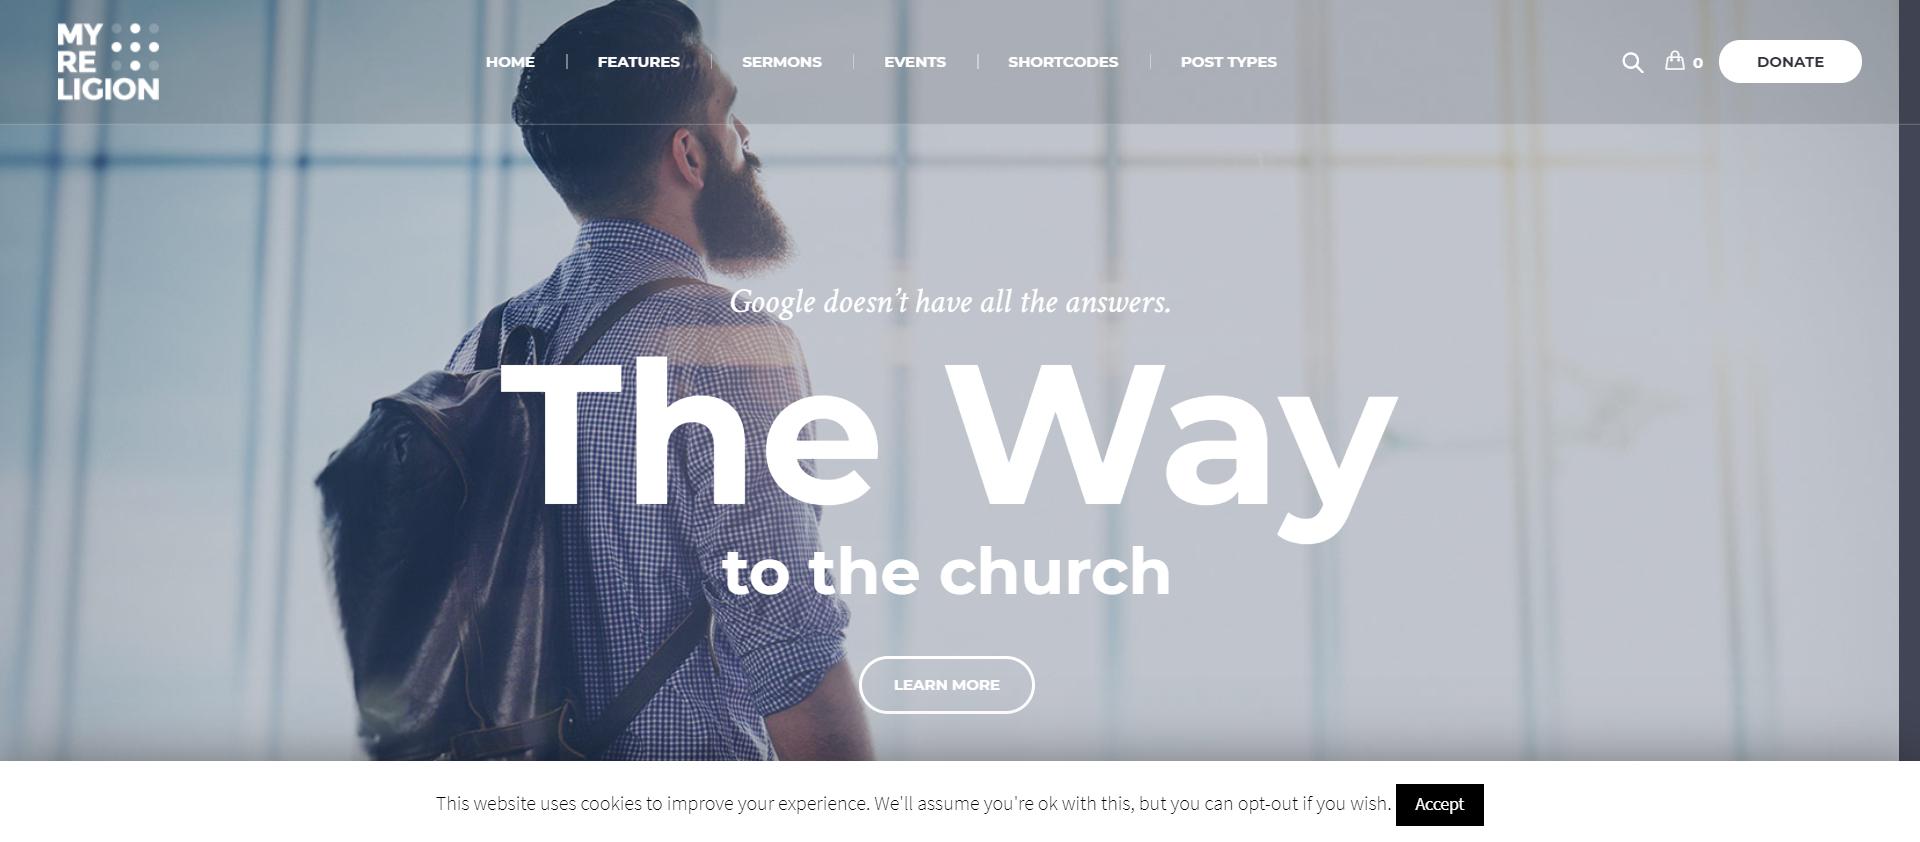 My Religion - Religious themes for WordPress